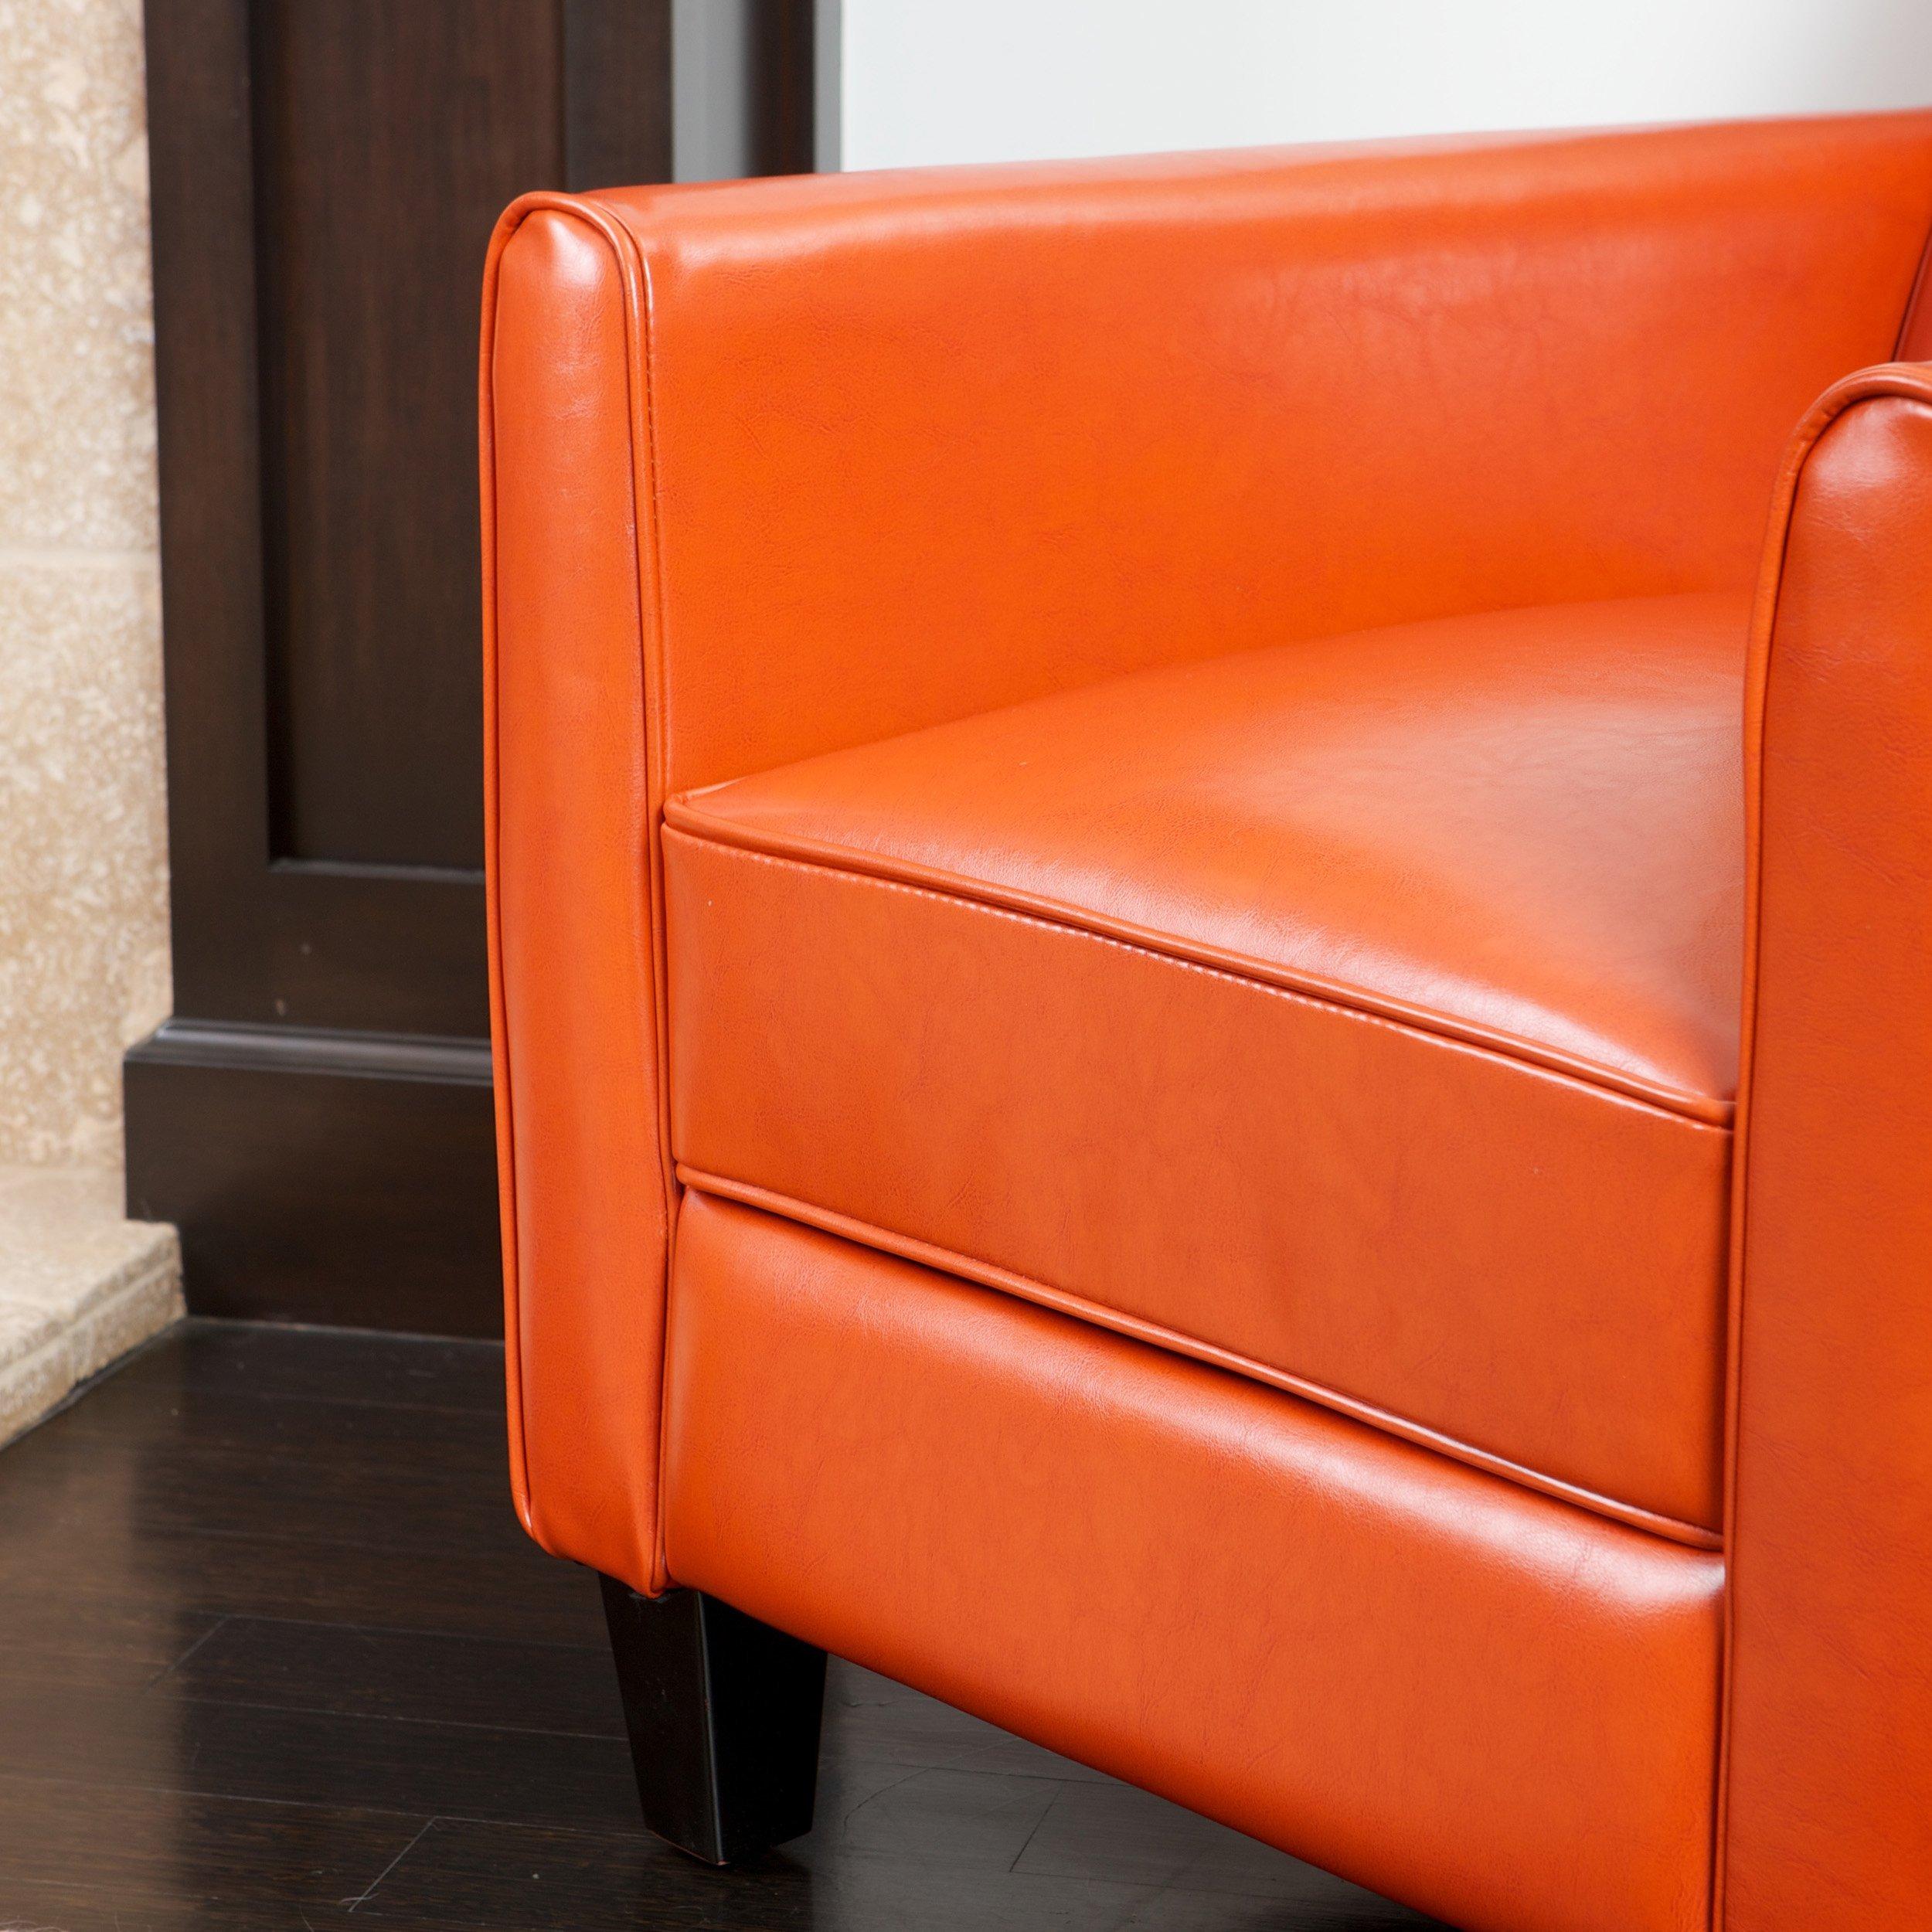 Lucas Orange Leather Recliner Club Chair & Lucas Orange Leather Recliner Club Chair - FurnitureNdecor.com islam-shia.org